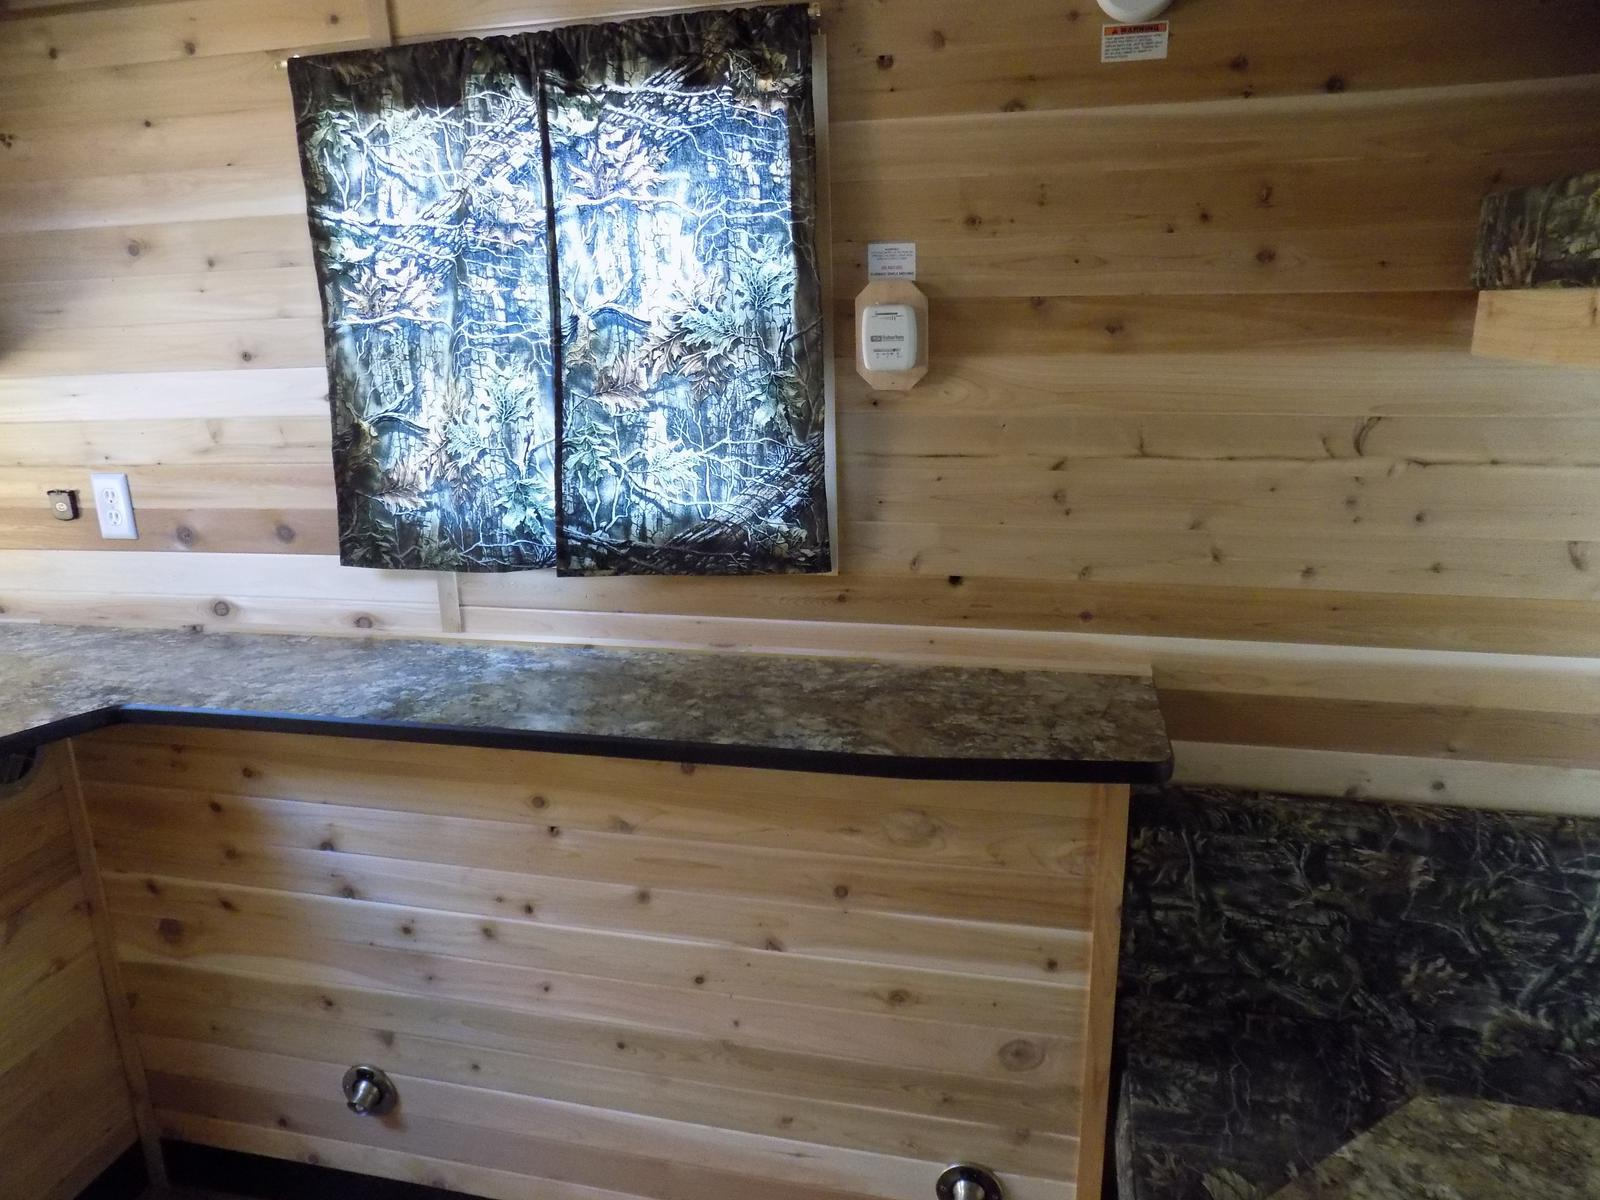 2017 ice castle 8 x 16v dakota premium for sale in bismarck, nd